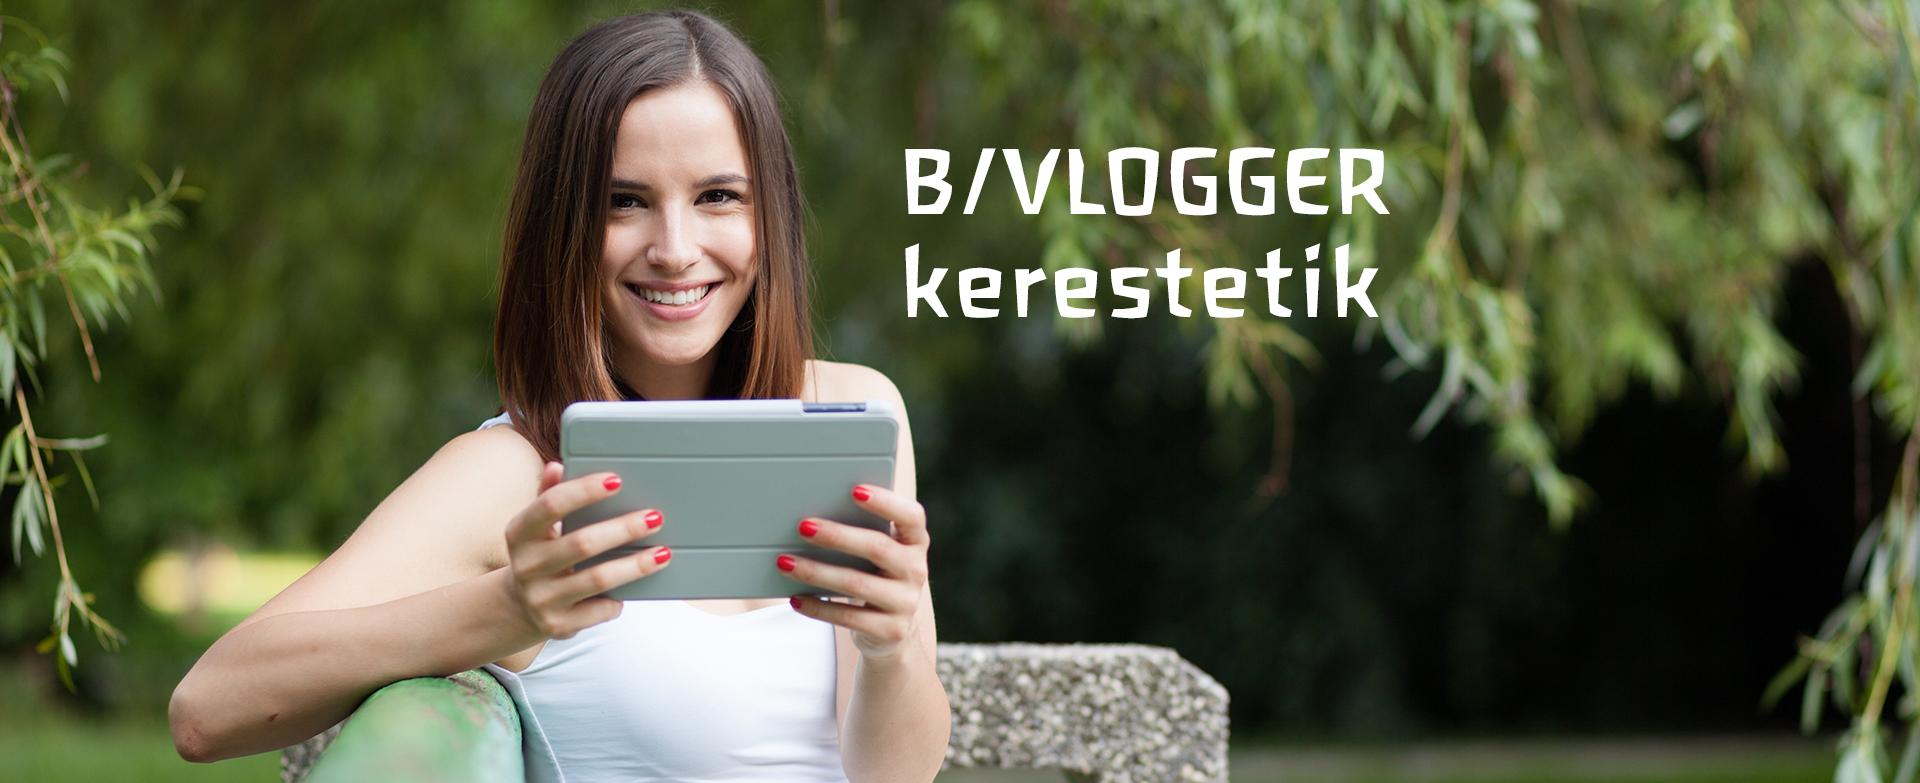 Bloggert és vloggert keresünk!